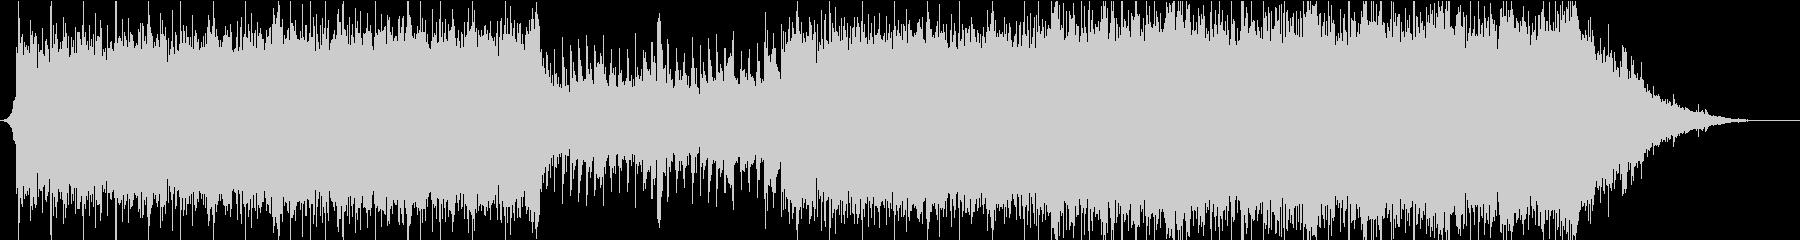 【オーケストラ】疾走感、壮大なBGMの未再生の波形